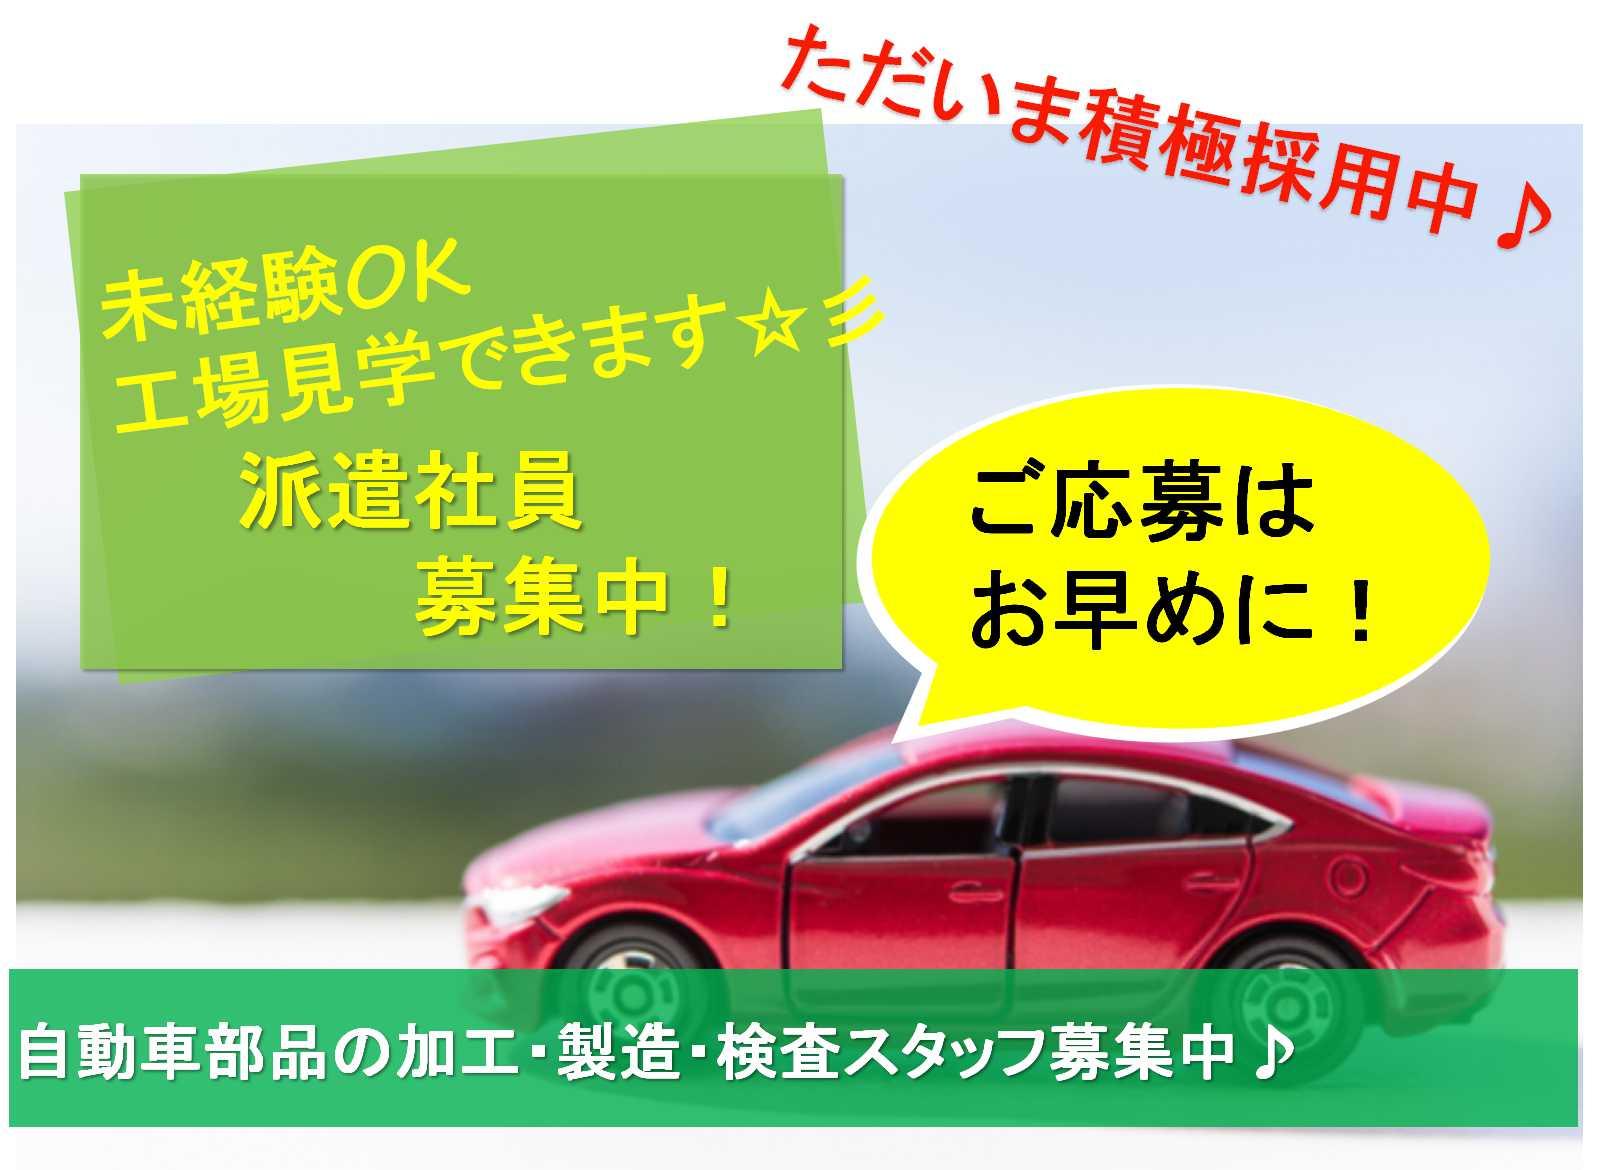 【北海道苫小牧市】未経験OK!工場見学できます!自動車部品の加工・検査・梱包【即面談可能】 イメージ